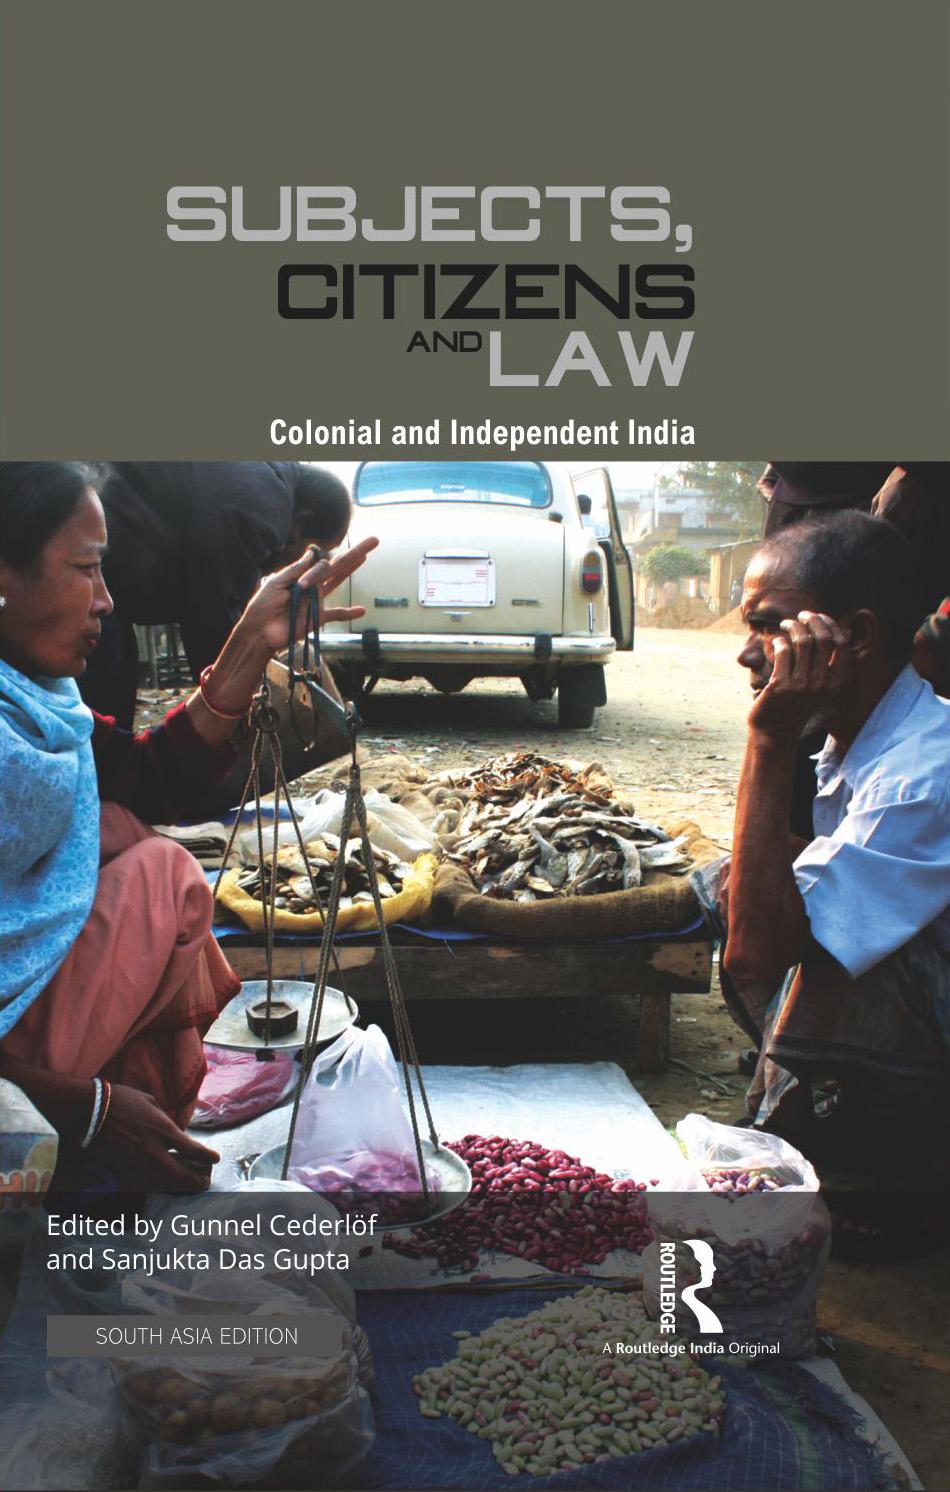 SubjectsCitizensLaw_Delhi front cover.jpg